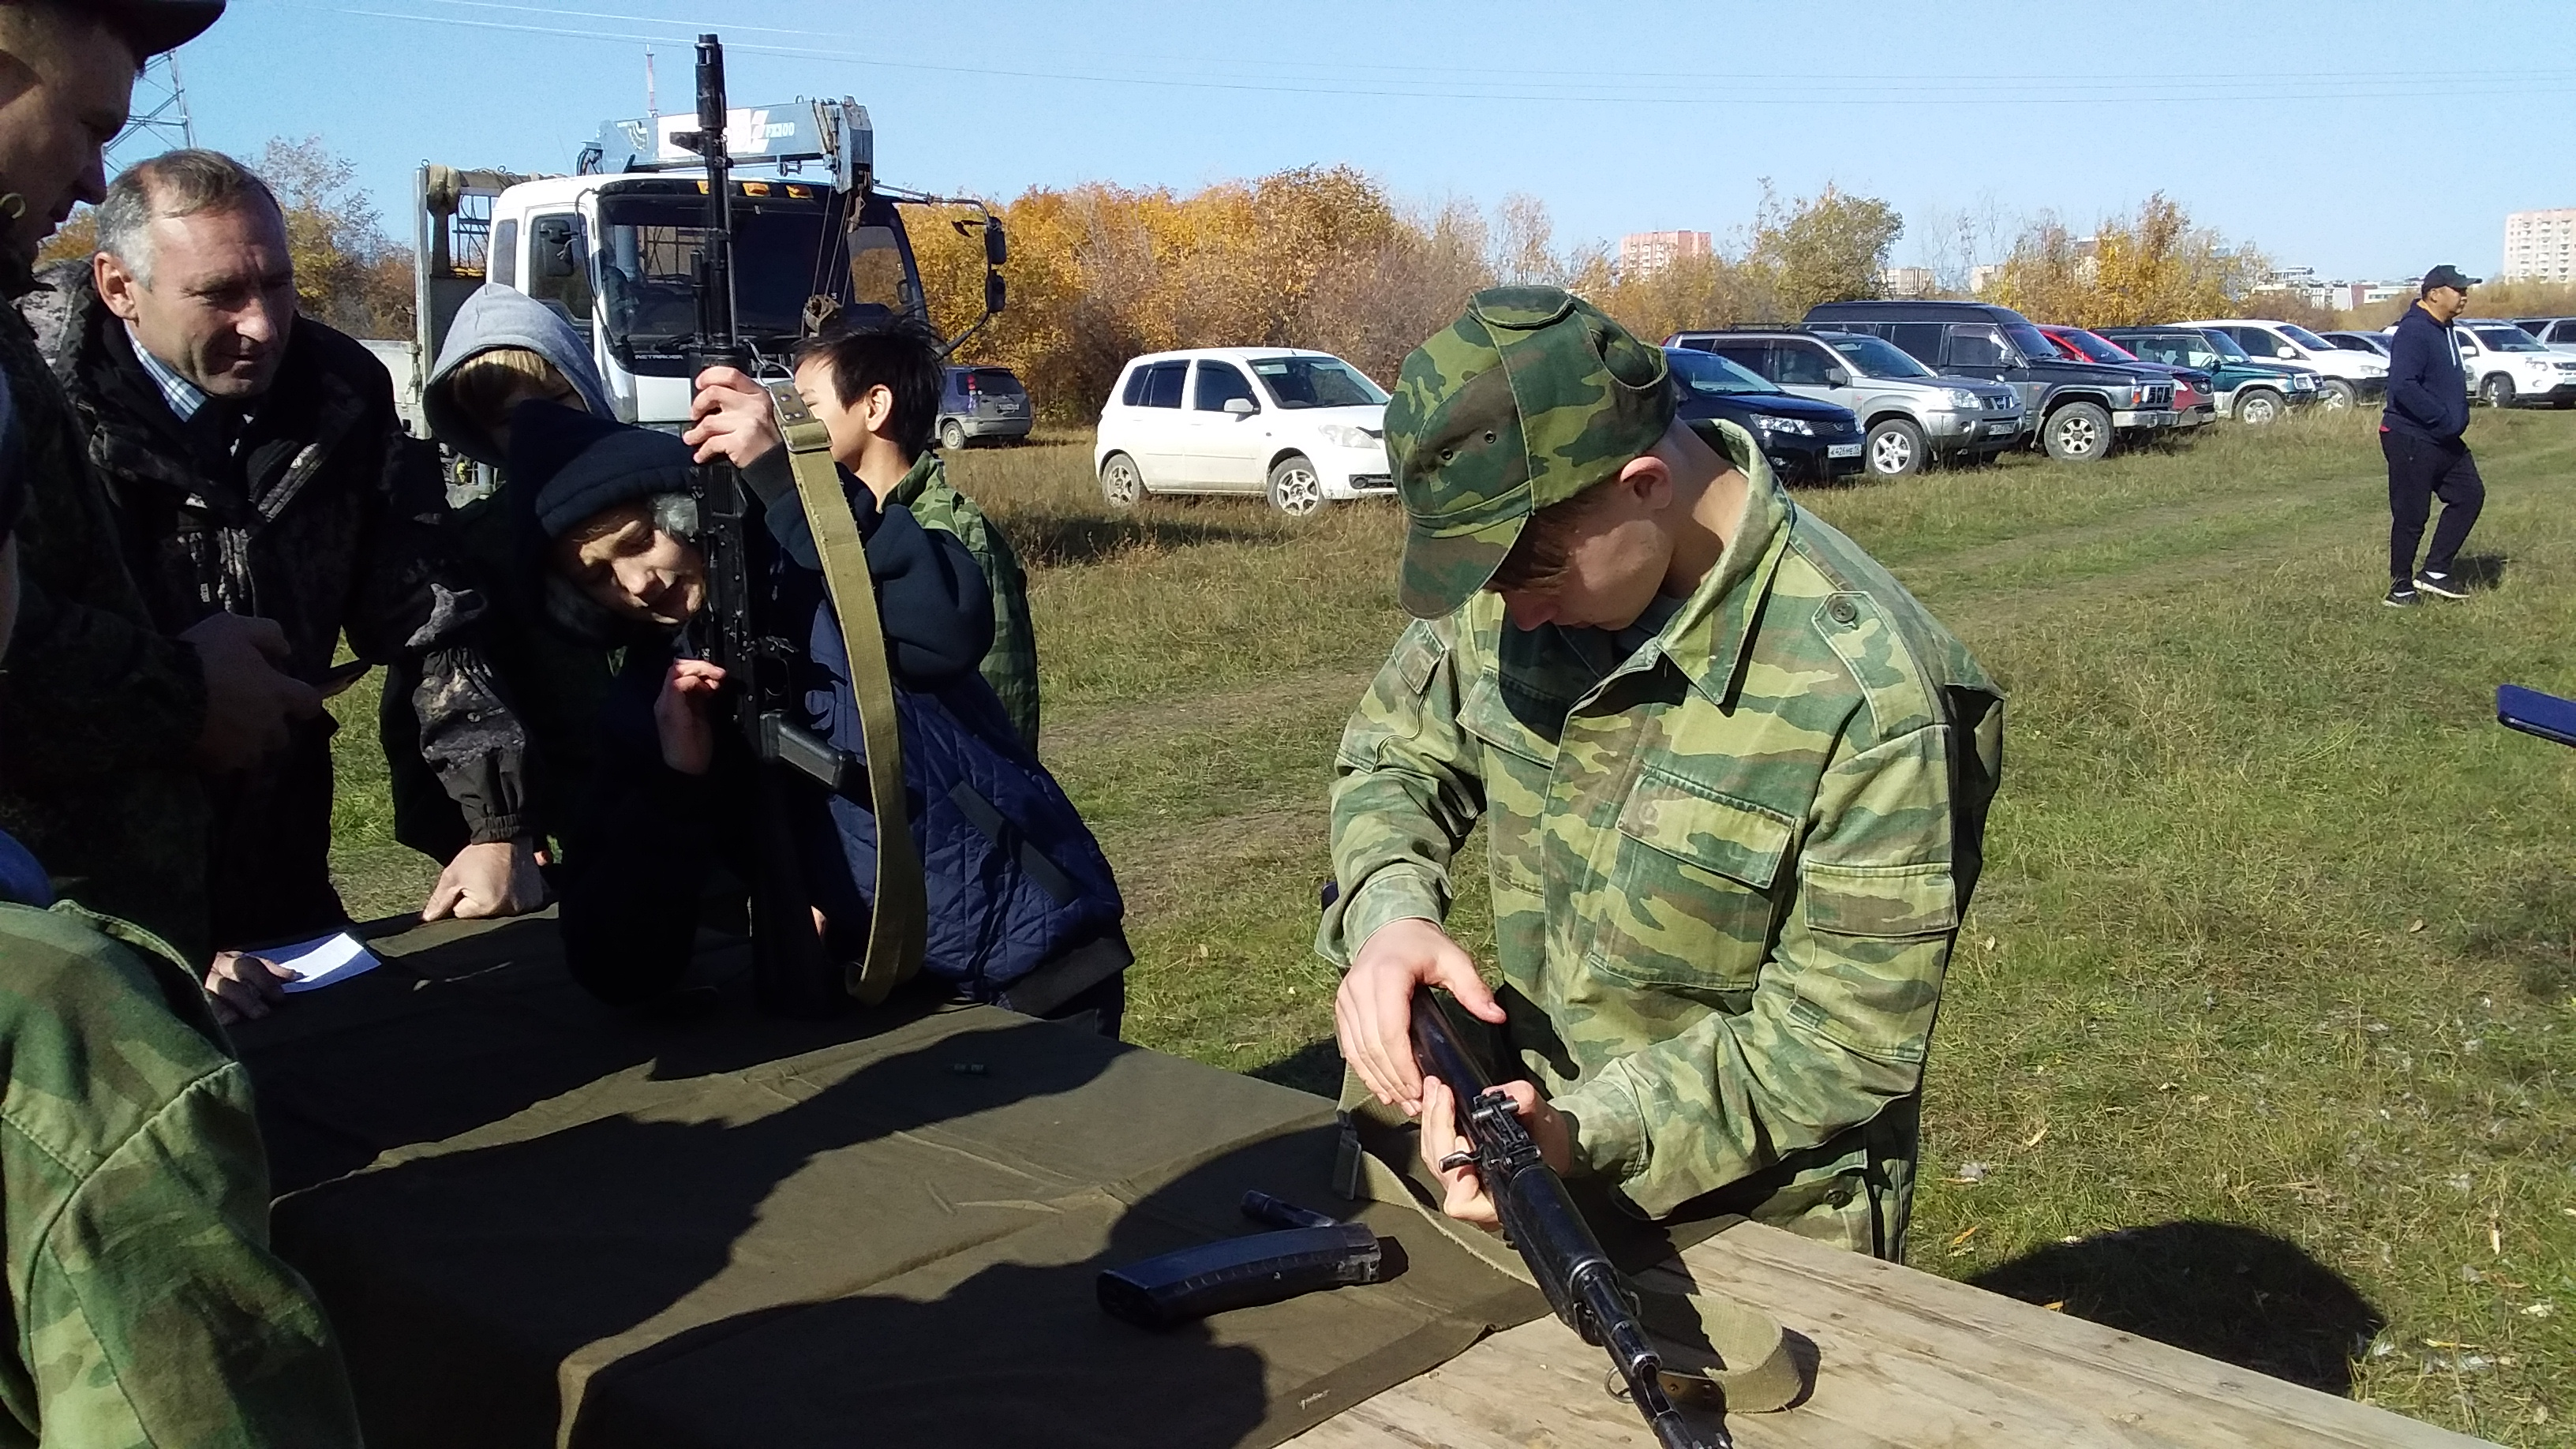 Уметь действовать при ЧС. В Якутске провели юношеский слет казачьего полка